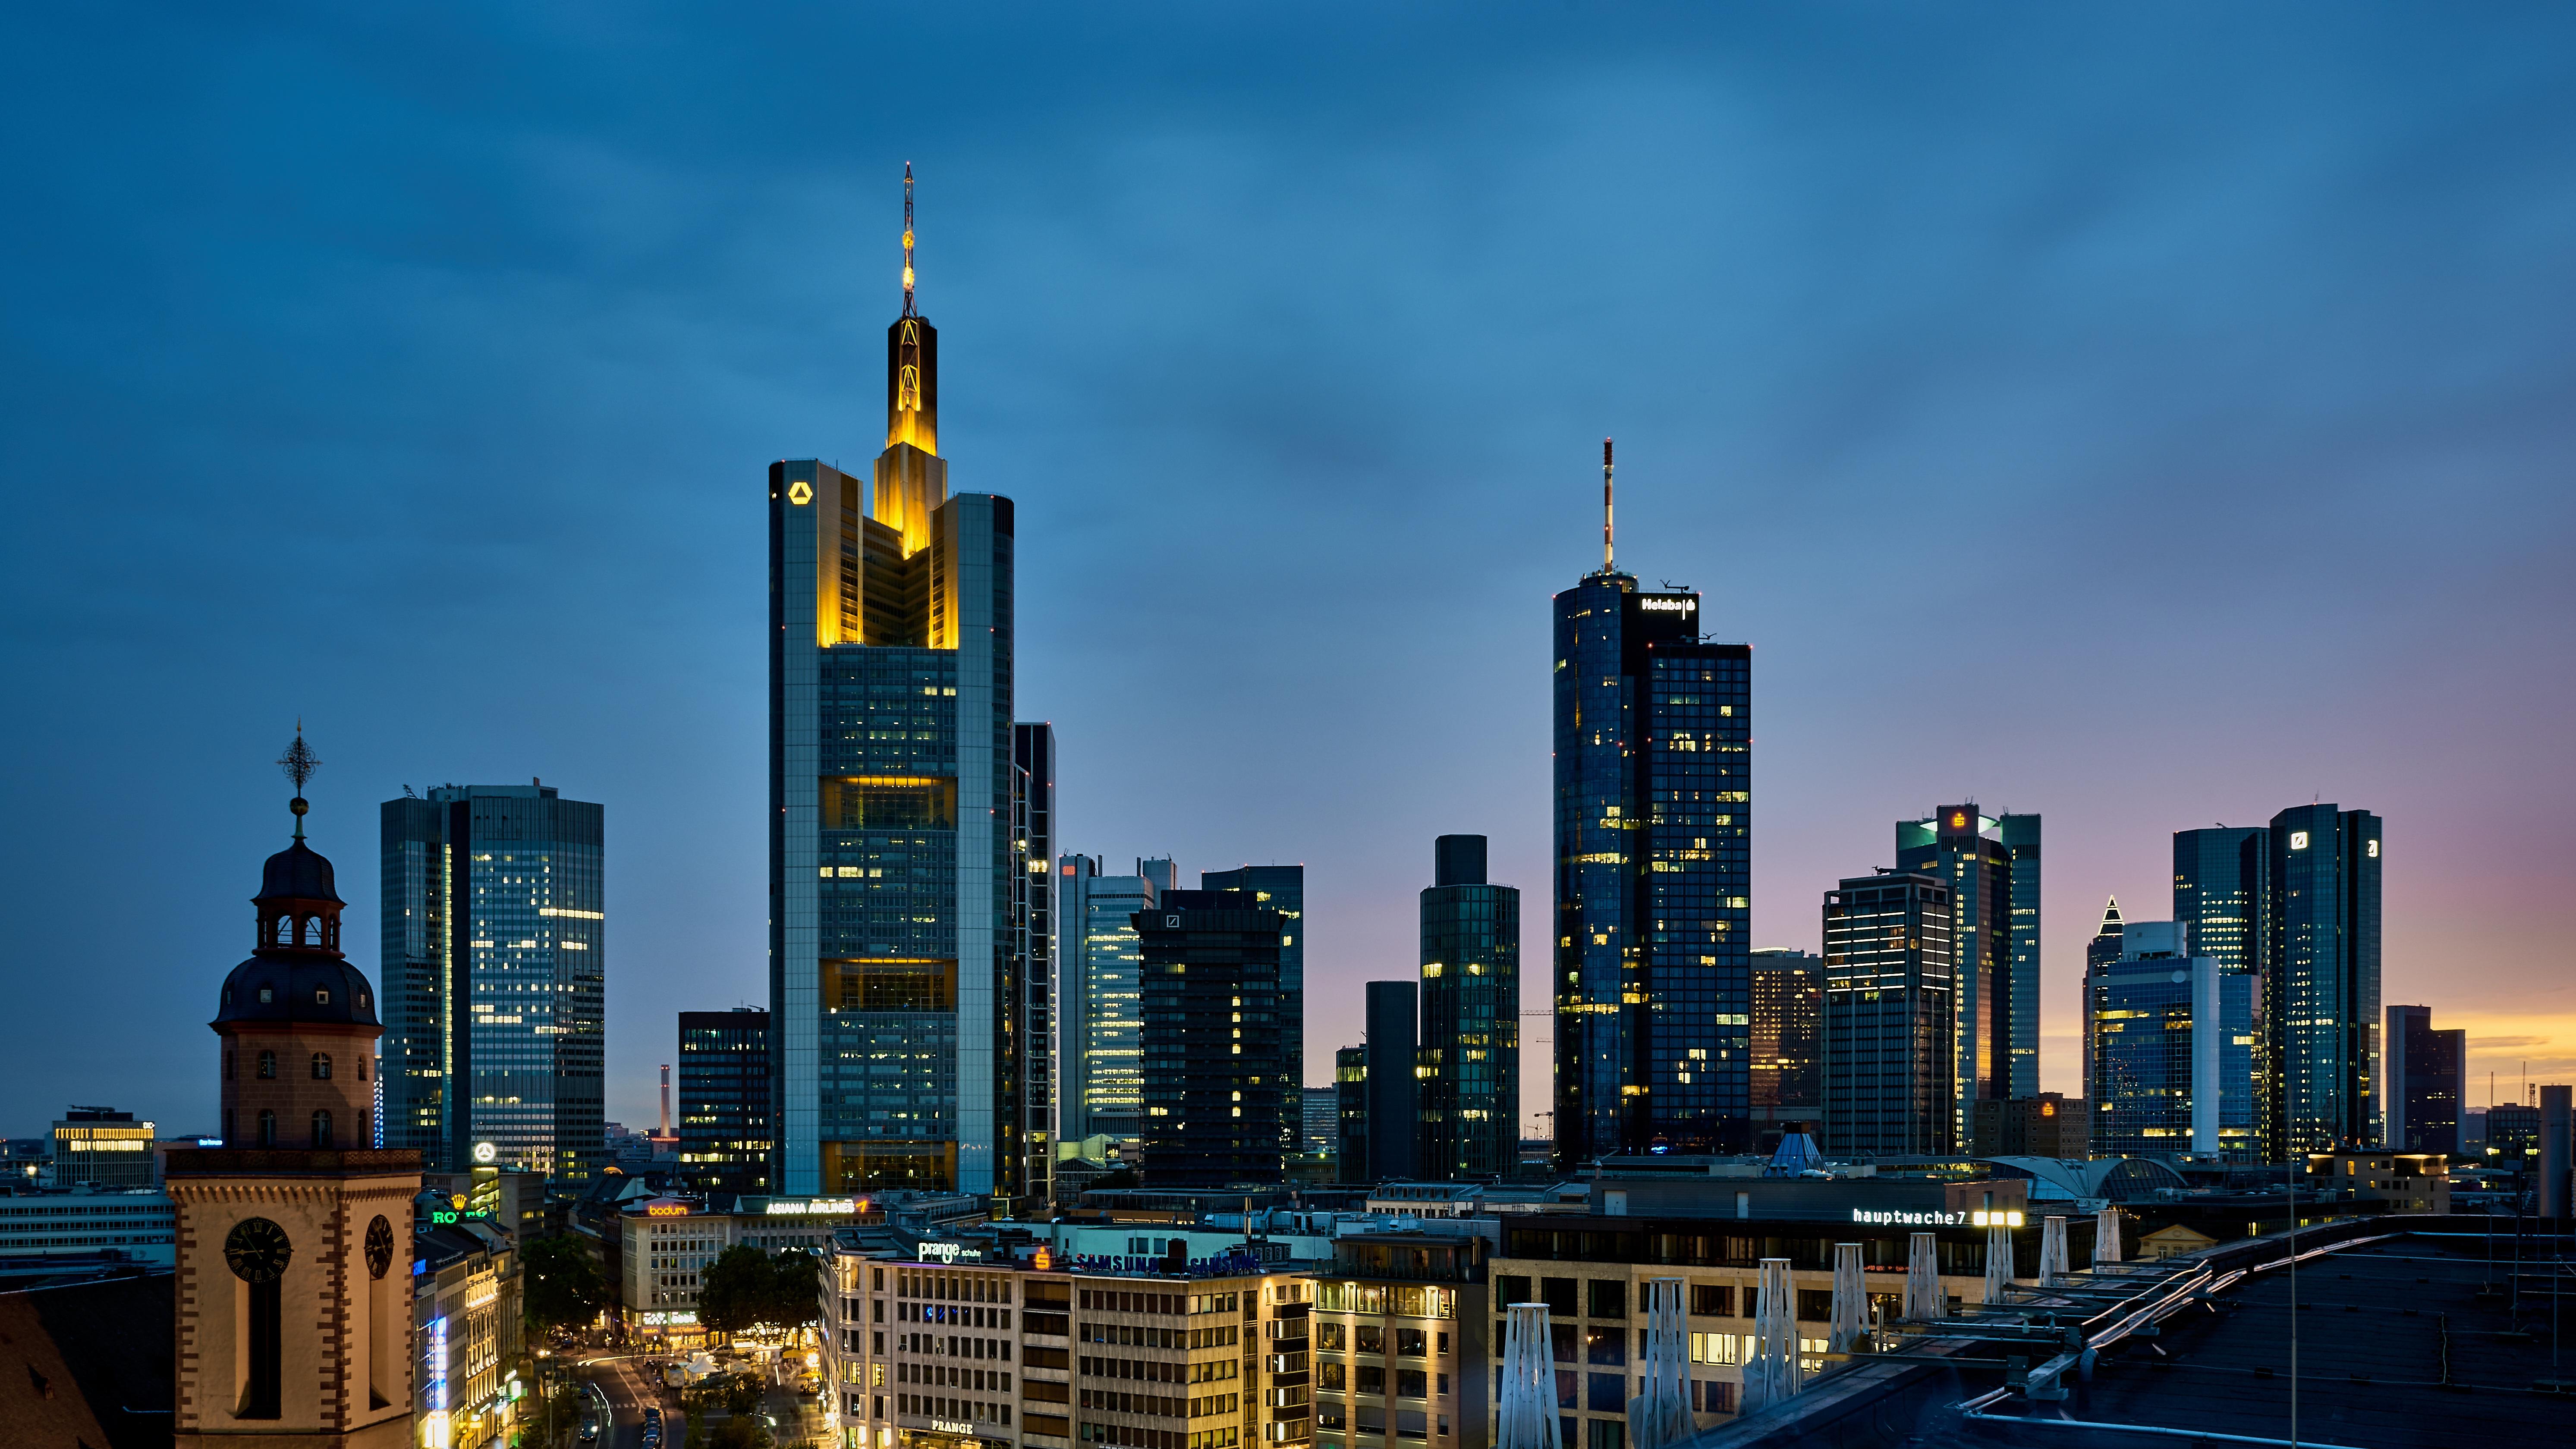 страны архитектура вечер город Франкфурт-на-Майне Германия  № 155573 загрузить